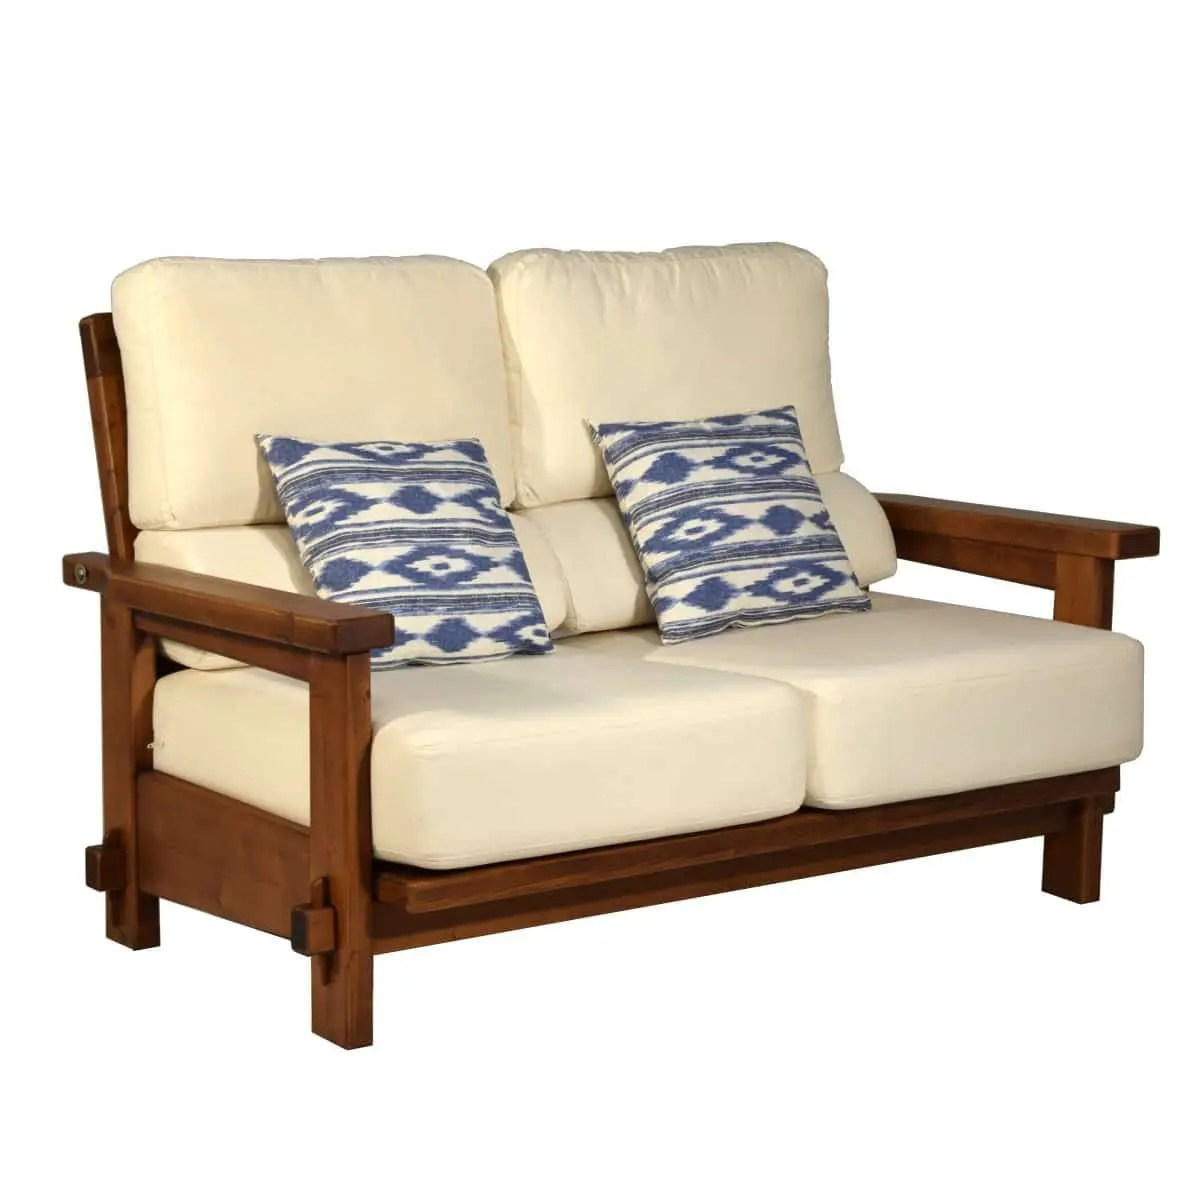 Sof rstico dos plazas 148 Ecorstico venta de muebles